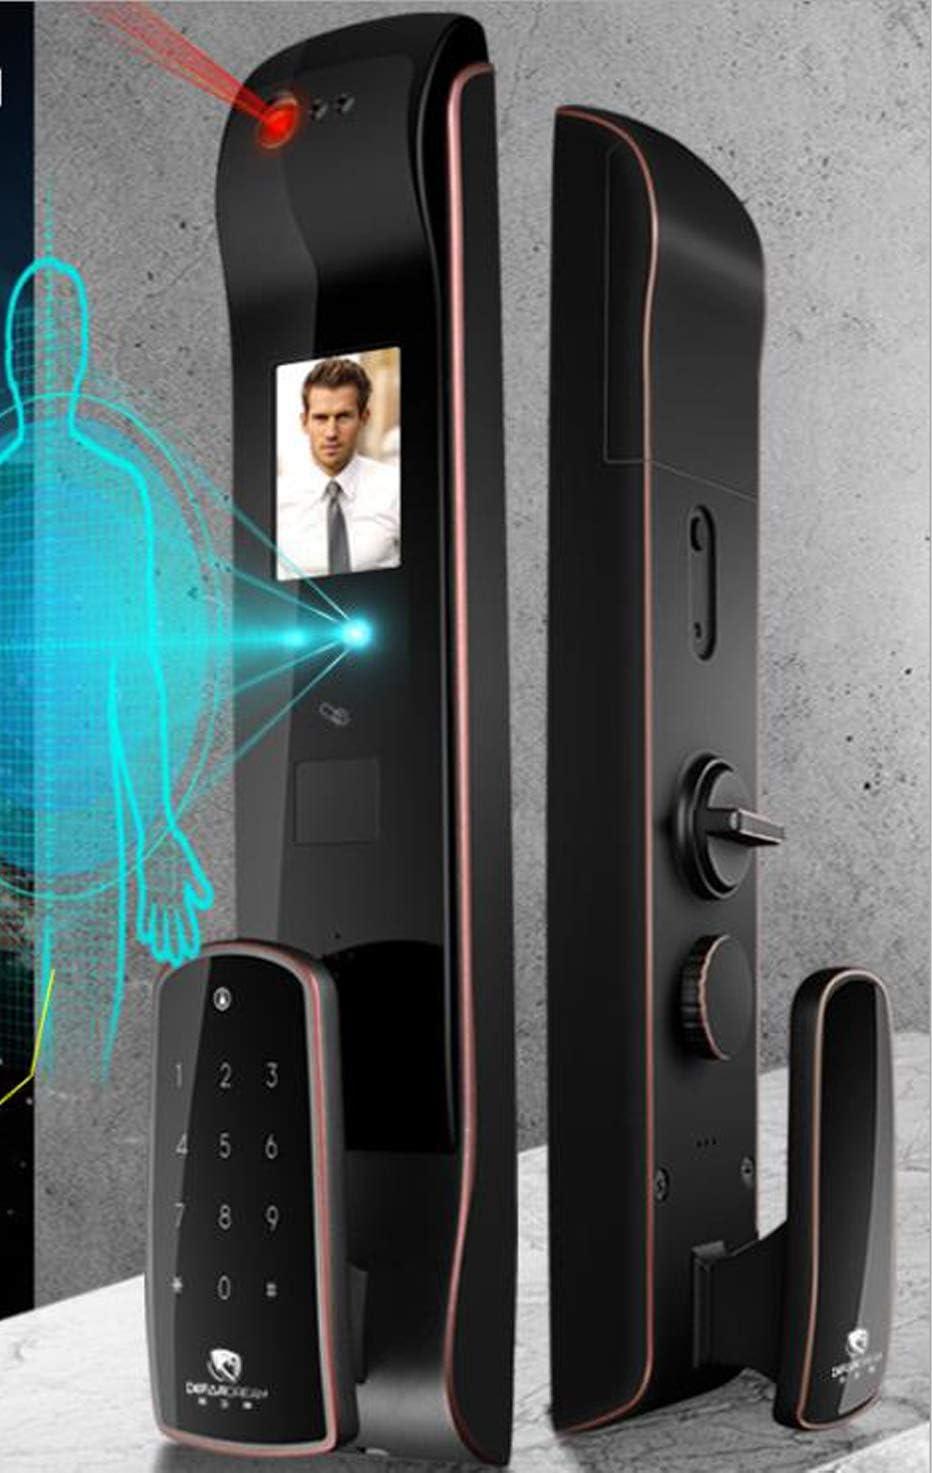 Regalos memorables Instalación de cerradura de puerta Reconocimiento facial Cerradura inteligente automática Cerradura de huella digital Cerradura electrónica para puerta de seguridad para el hoga